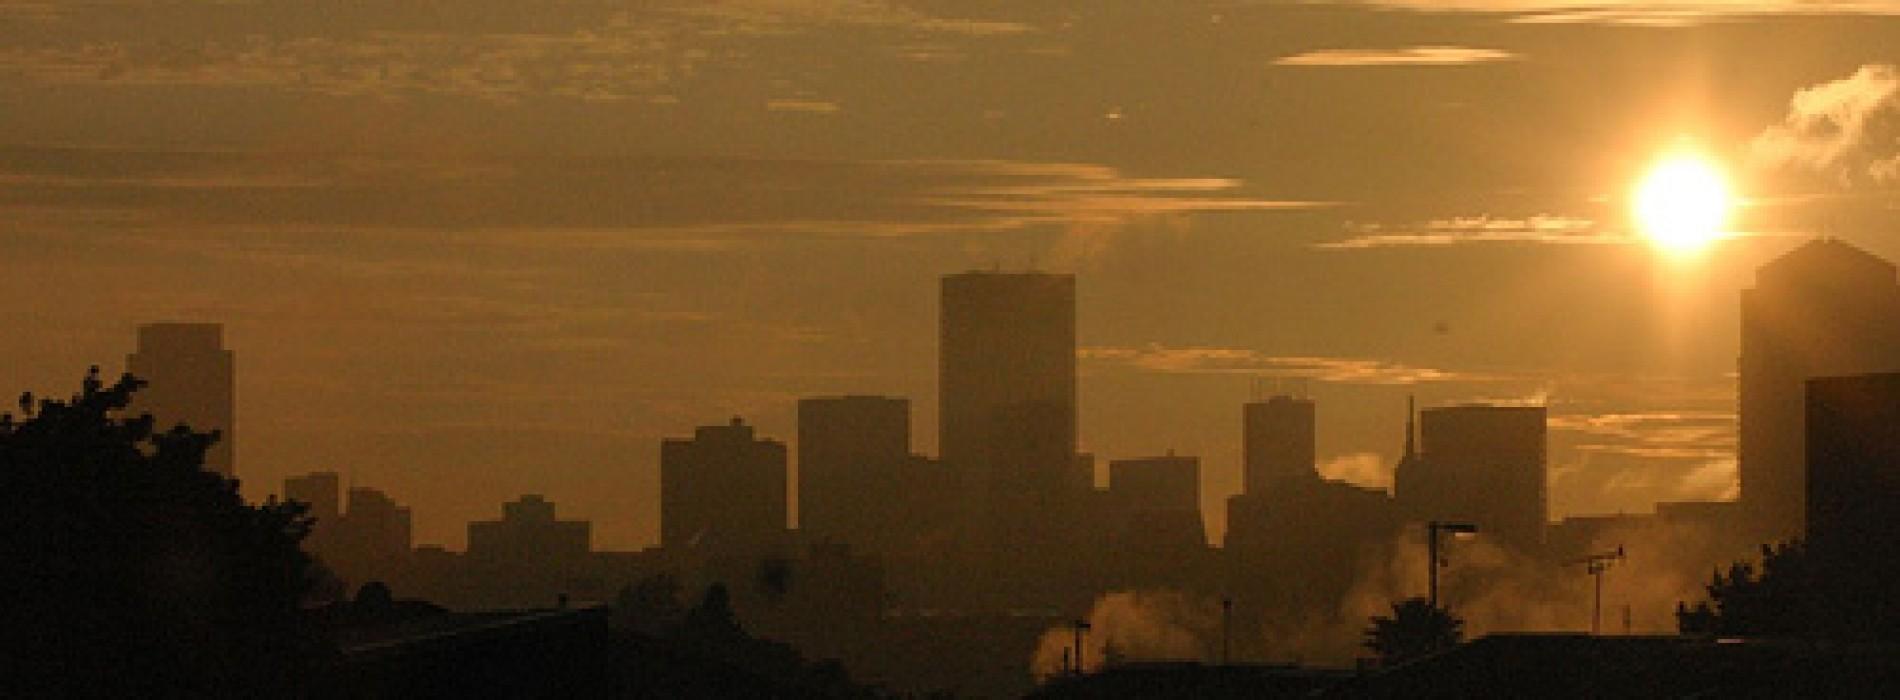 La crisi del debito sta per ripercuotersi sulla facilità di fare affari in Africa